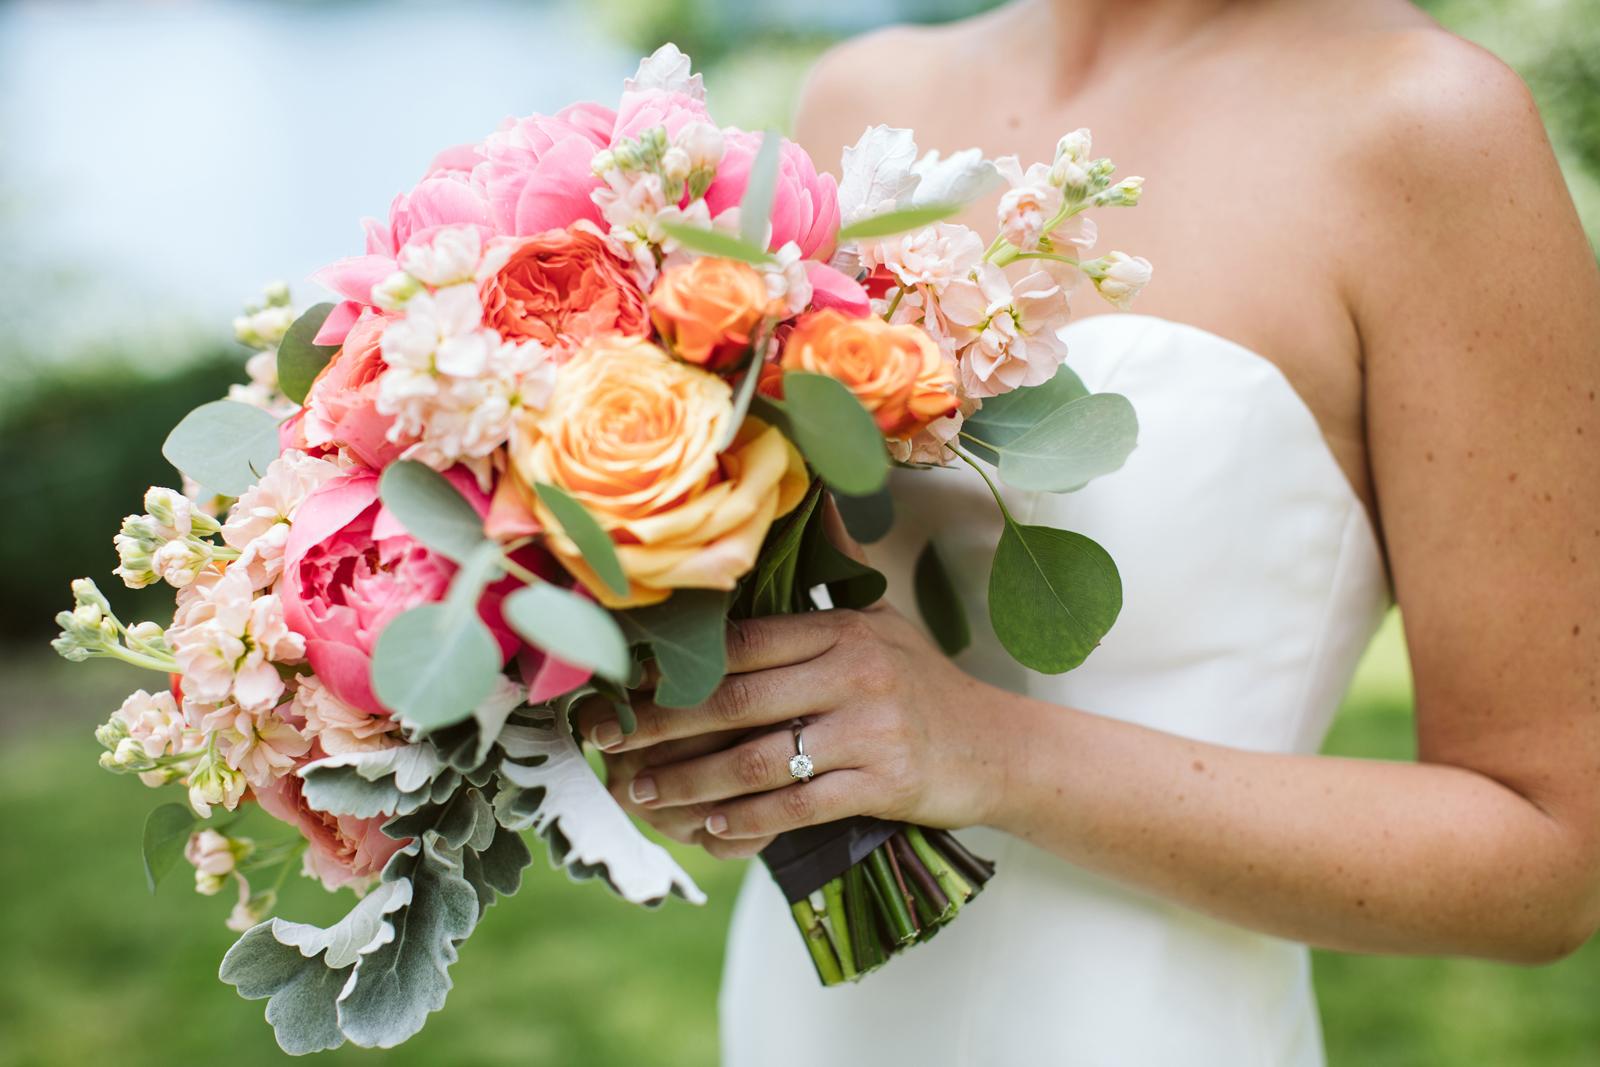 033-daronjackson-gabby-alec-wedding.jpg